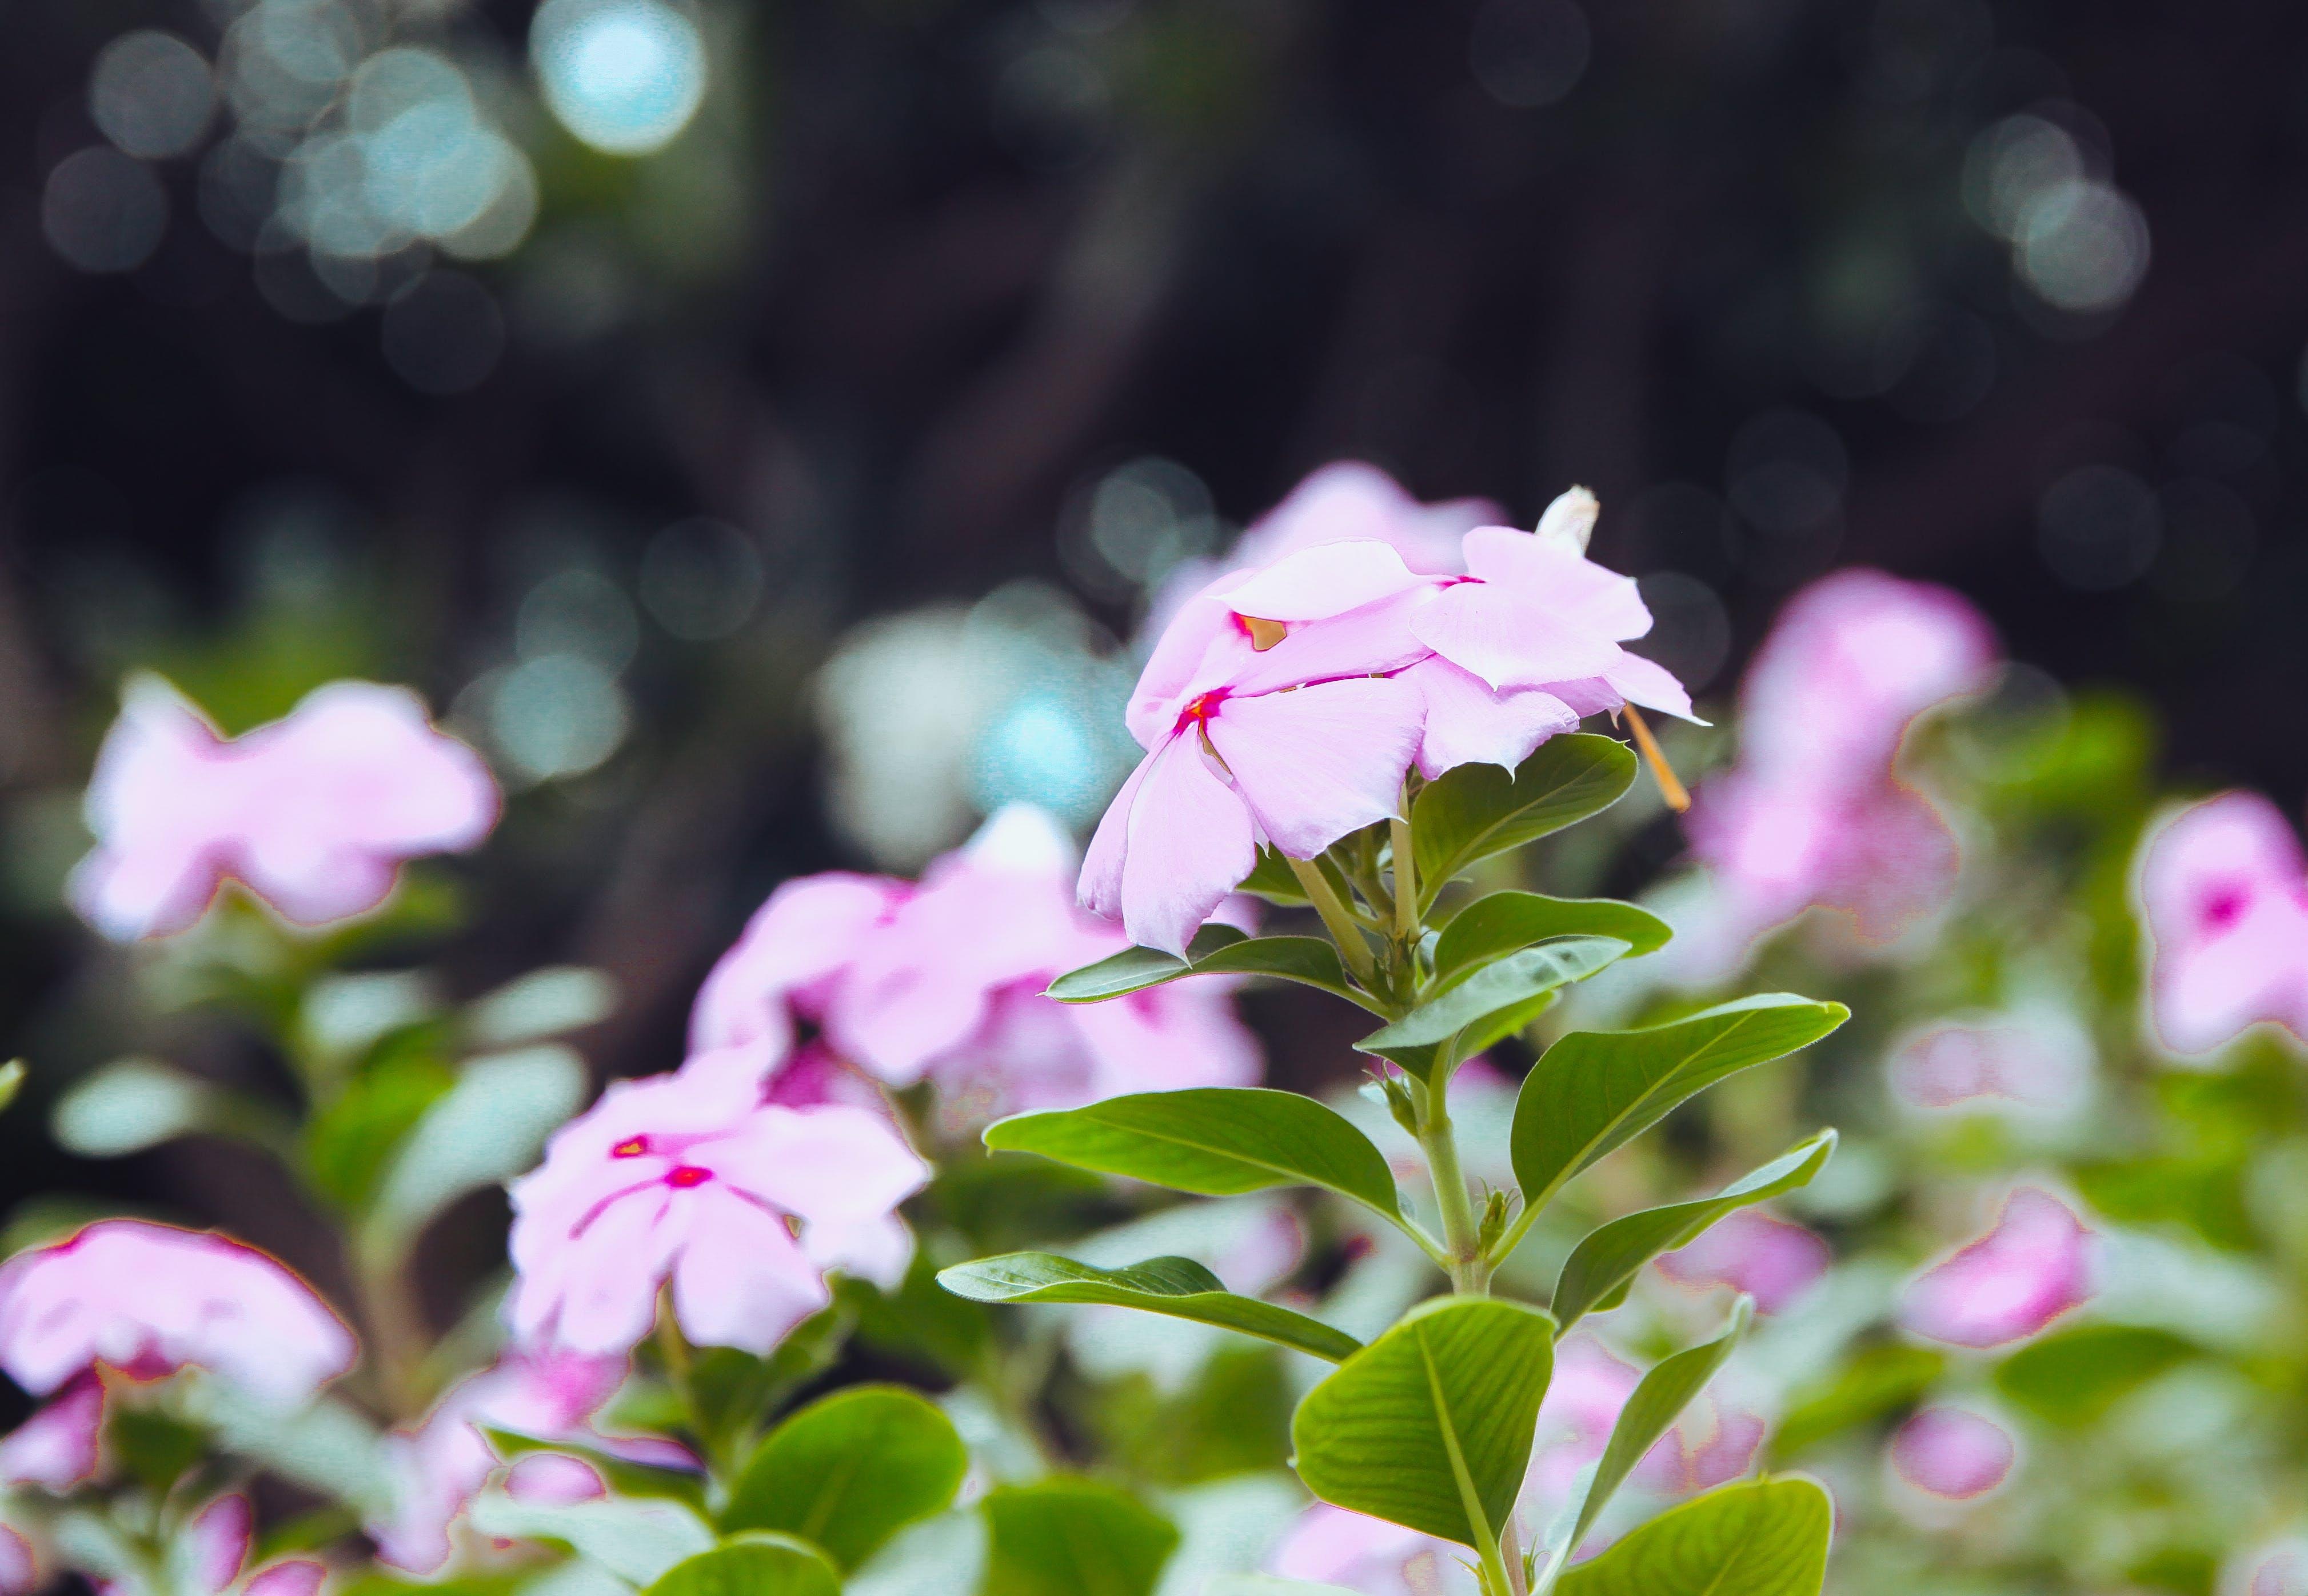 Gratis lagerfoto af blade, blomster, flora, have